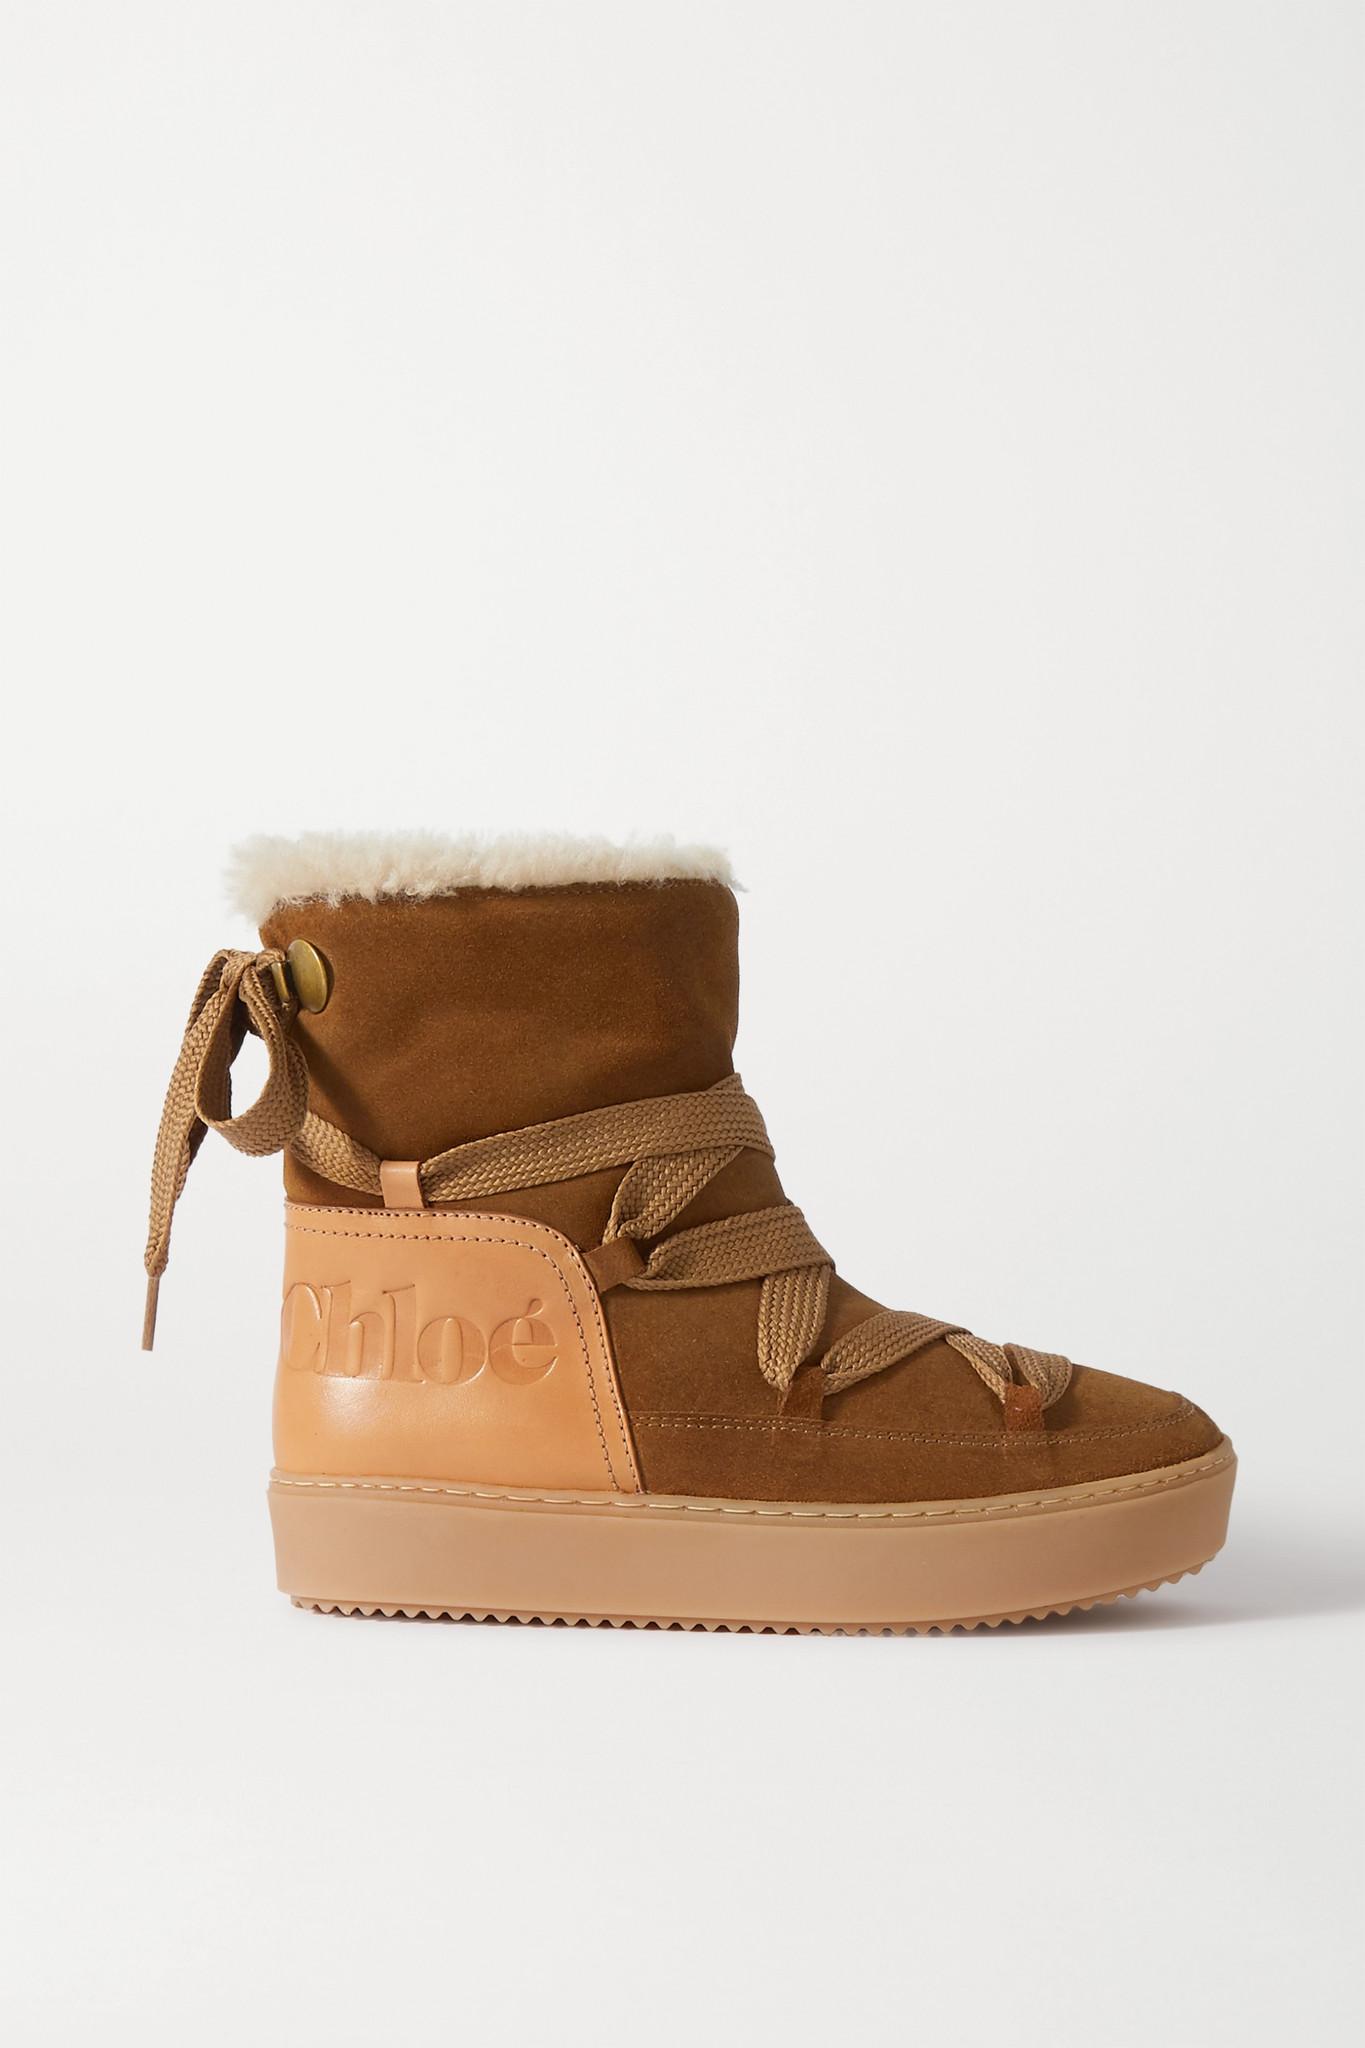 SEE BY CHLOÉ - 皮质边饰绒面革羊毛皮踝靴 - 棕色 - IT38